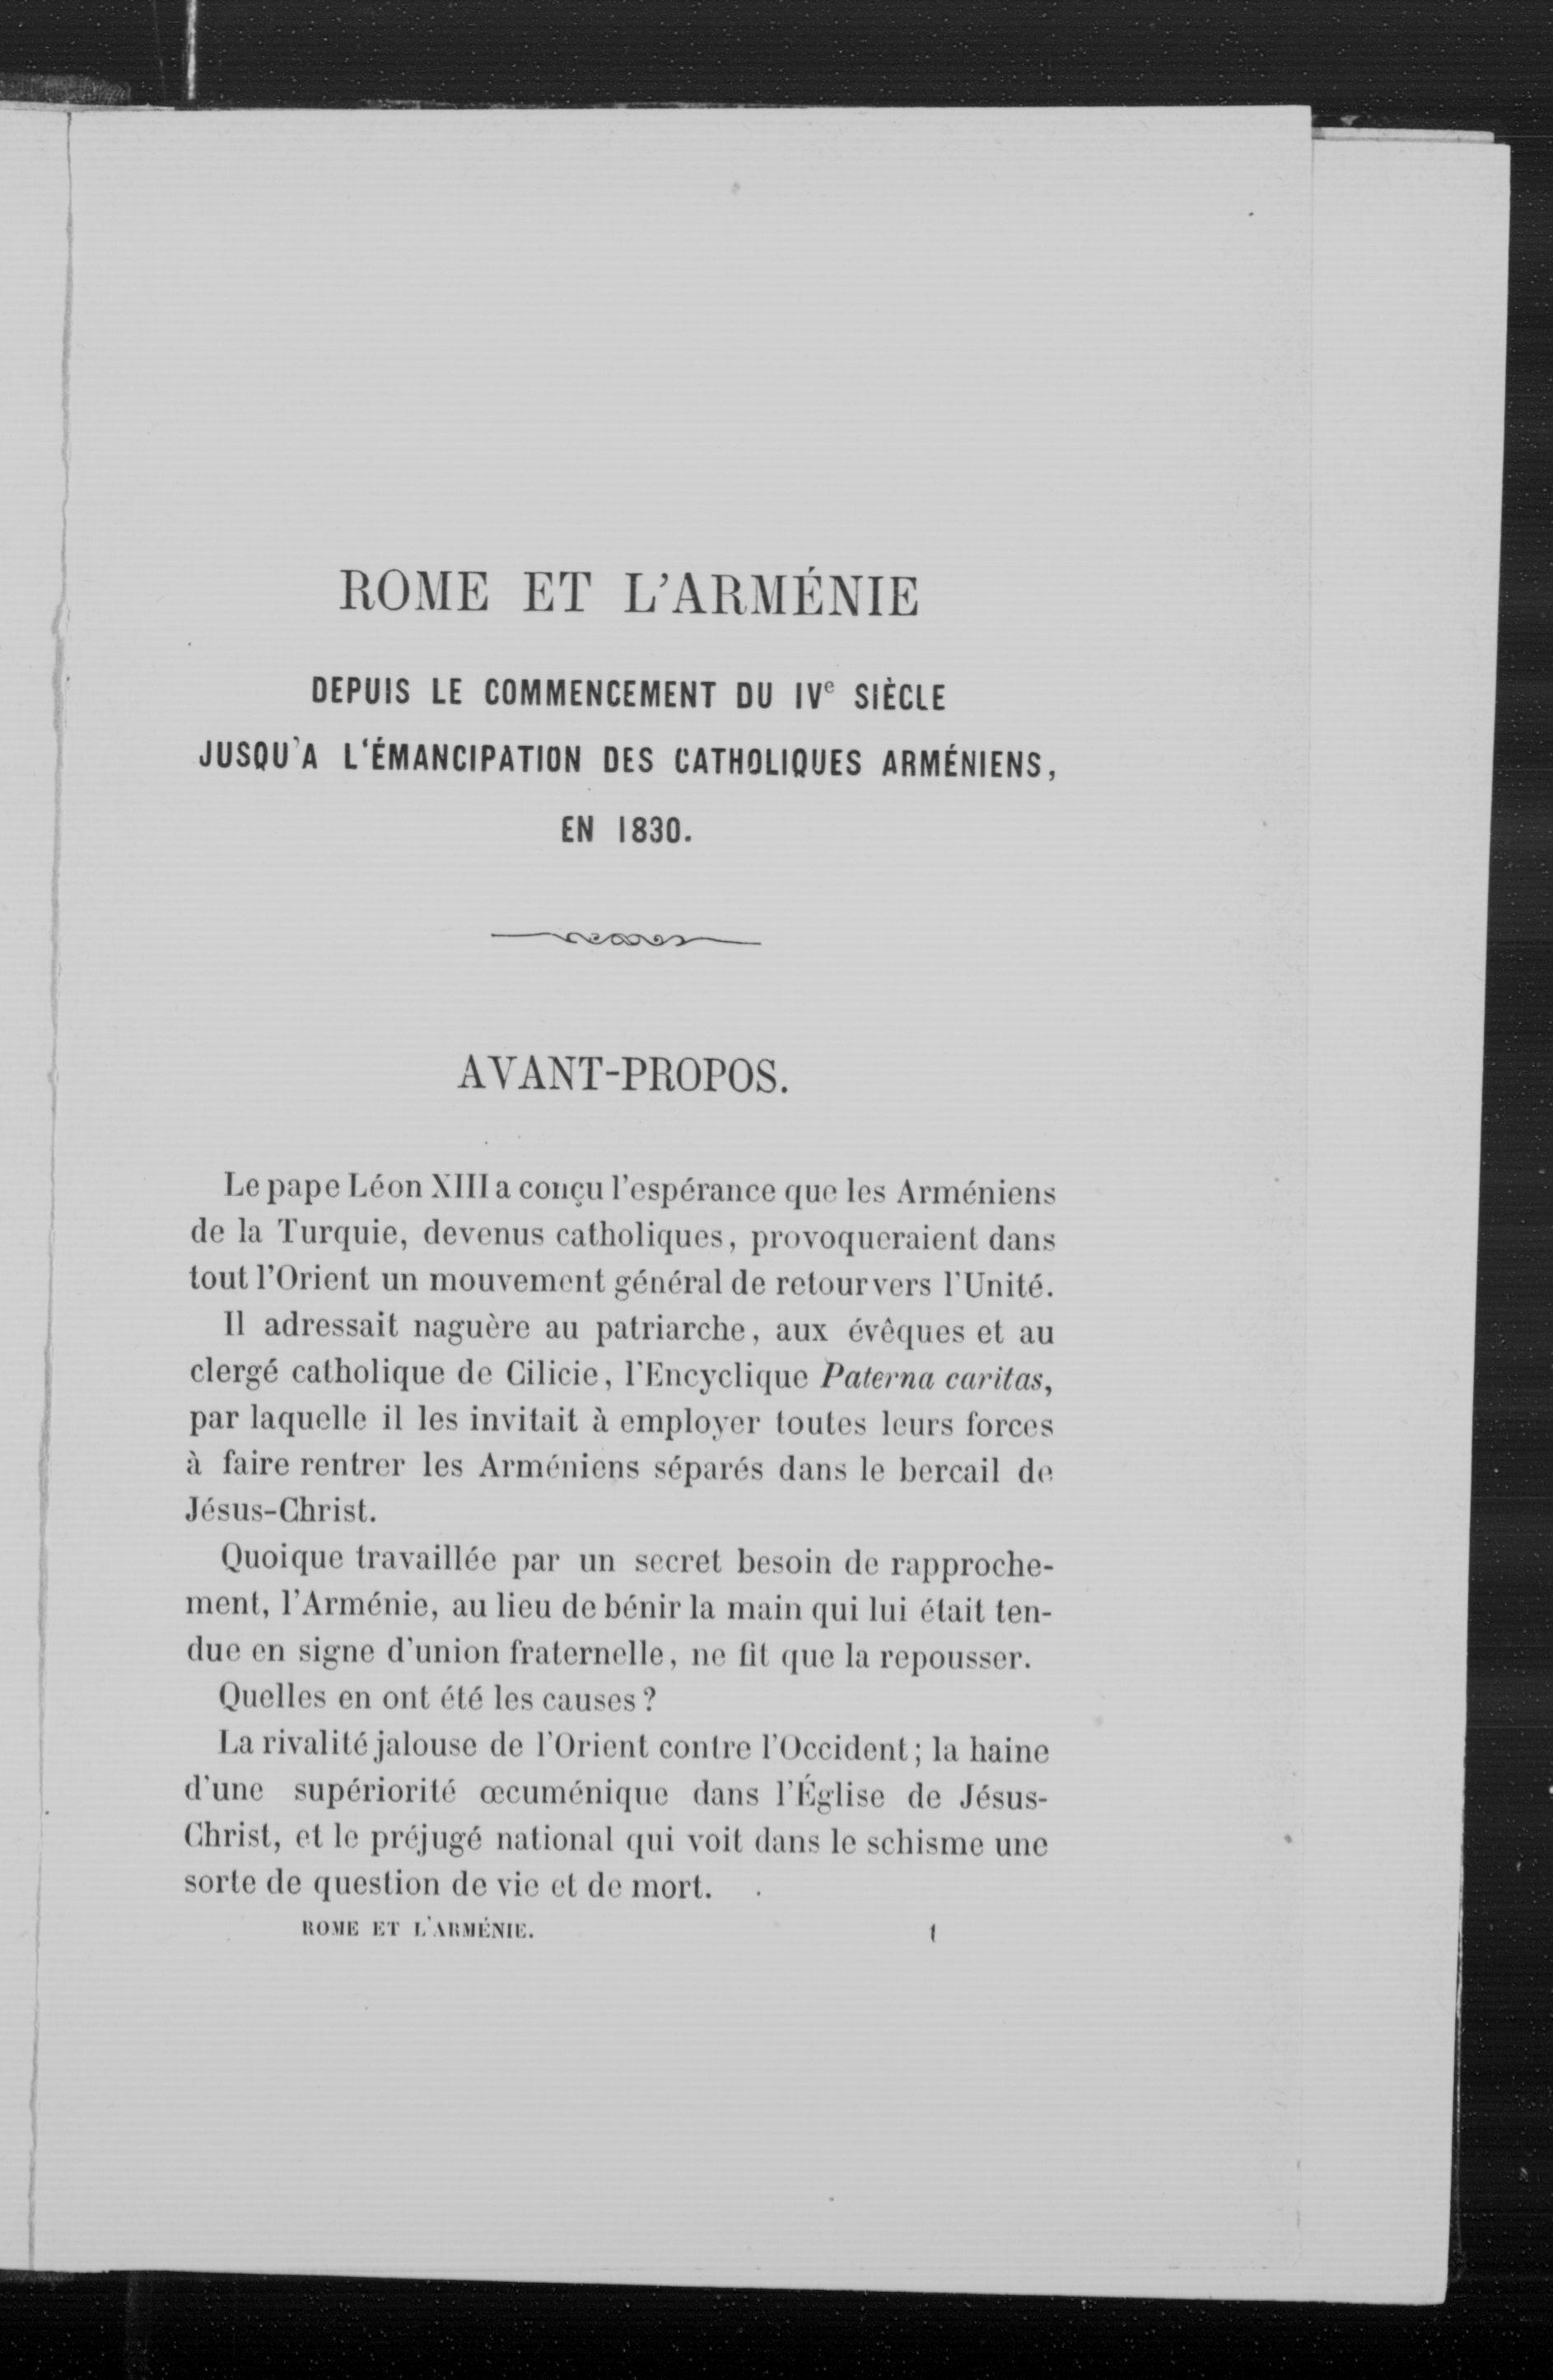 http://digitale-sammlungen.ulb.uni-bonn.de/image/view/188407?w=704